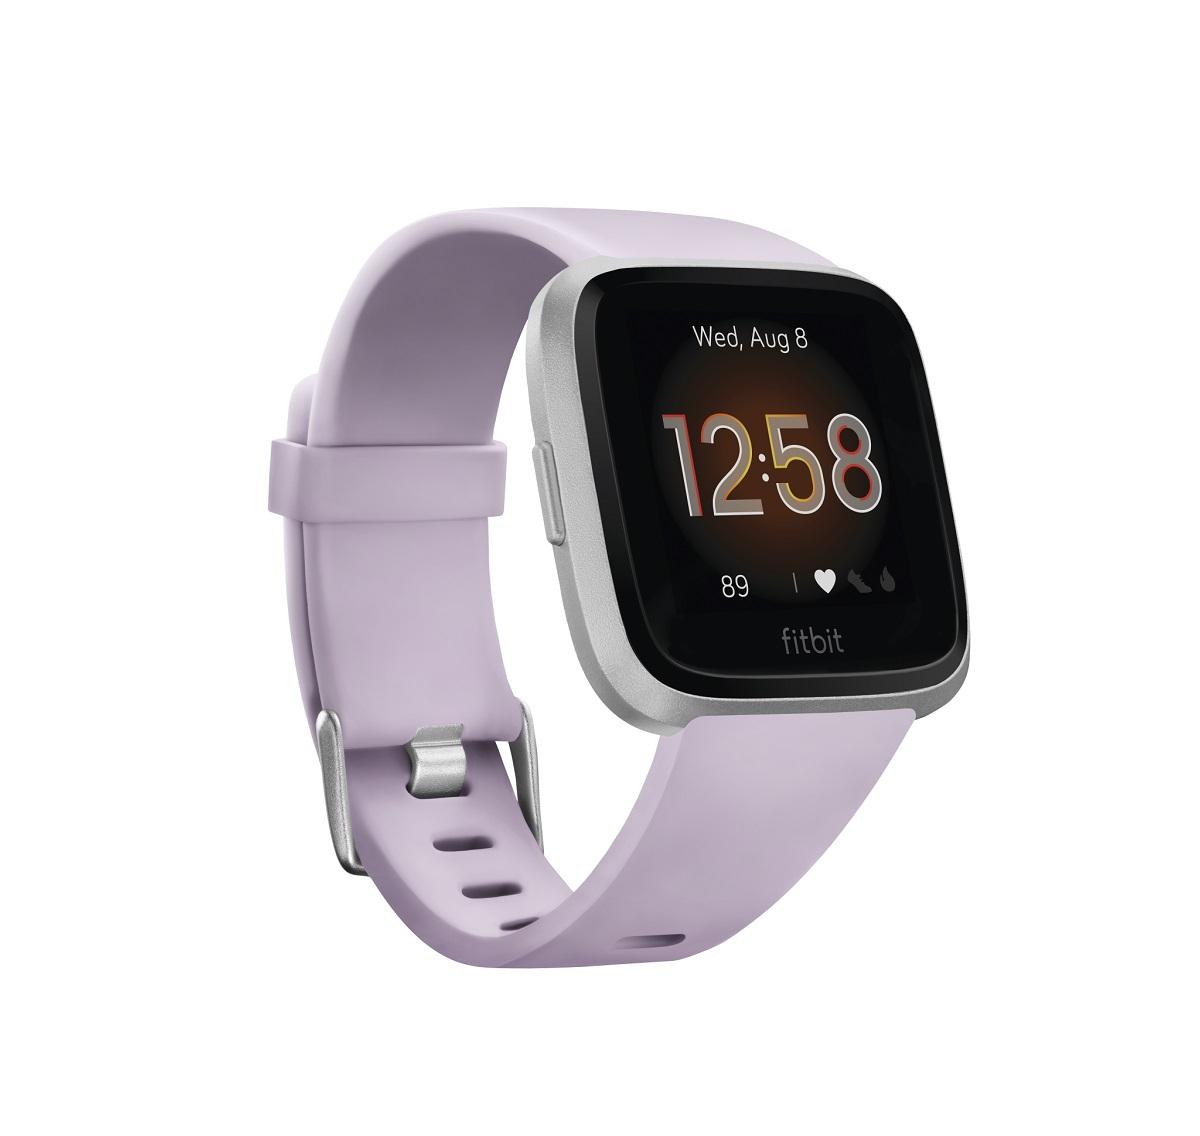 Fitbit oferta en best buy